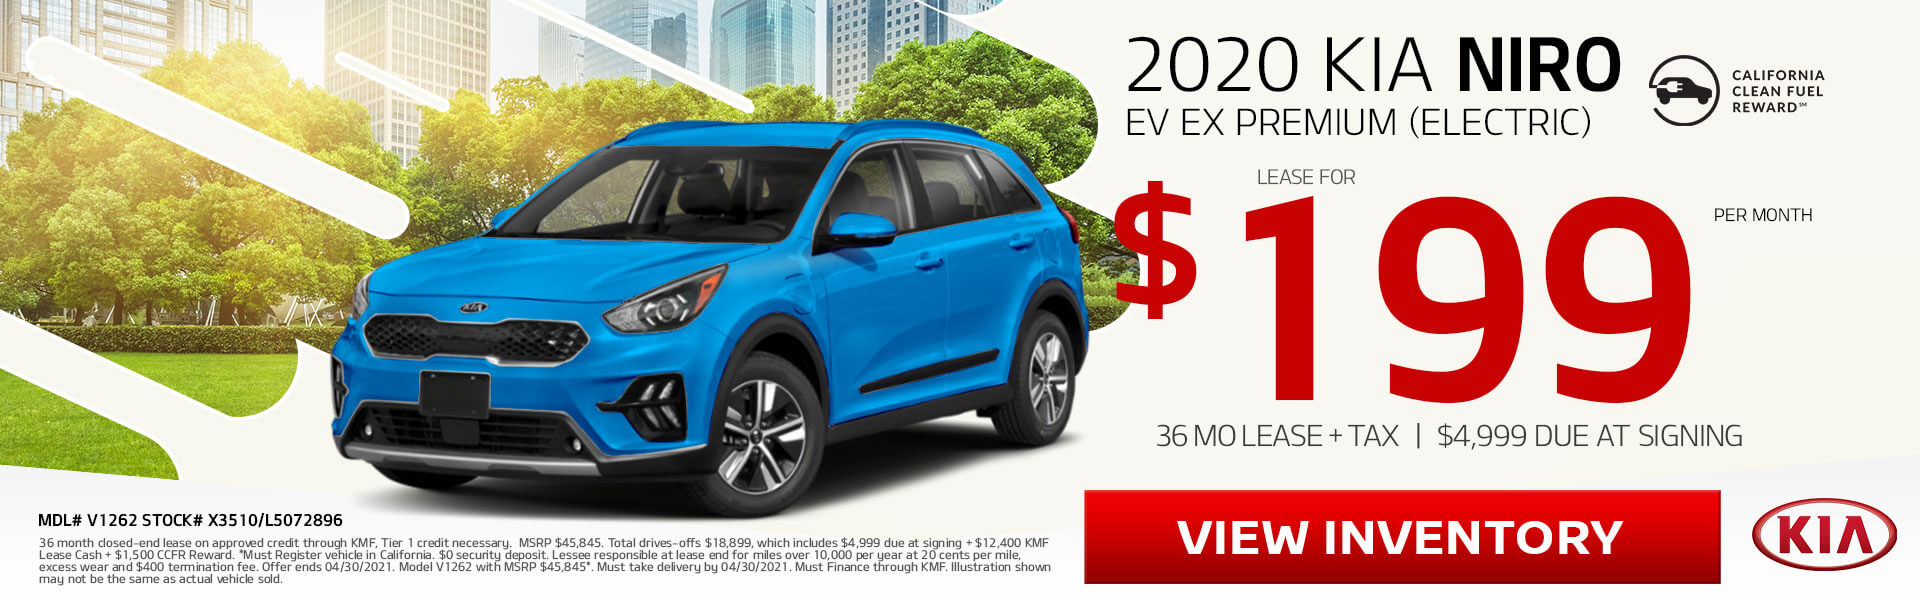 Niro EV EX Premium